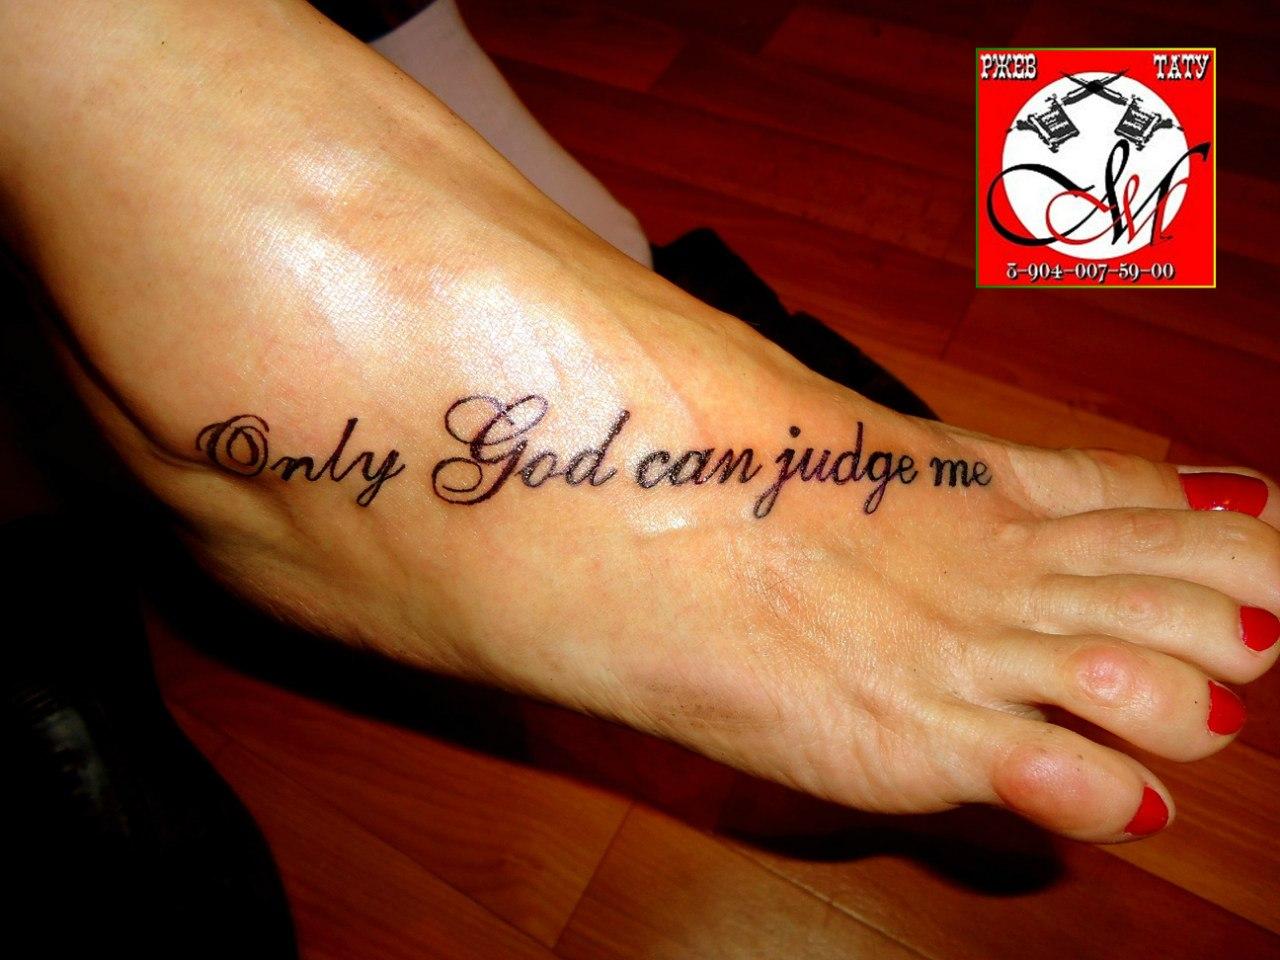 Красивые надписи для тату с переводом: на руке, ноге и запястье 57